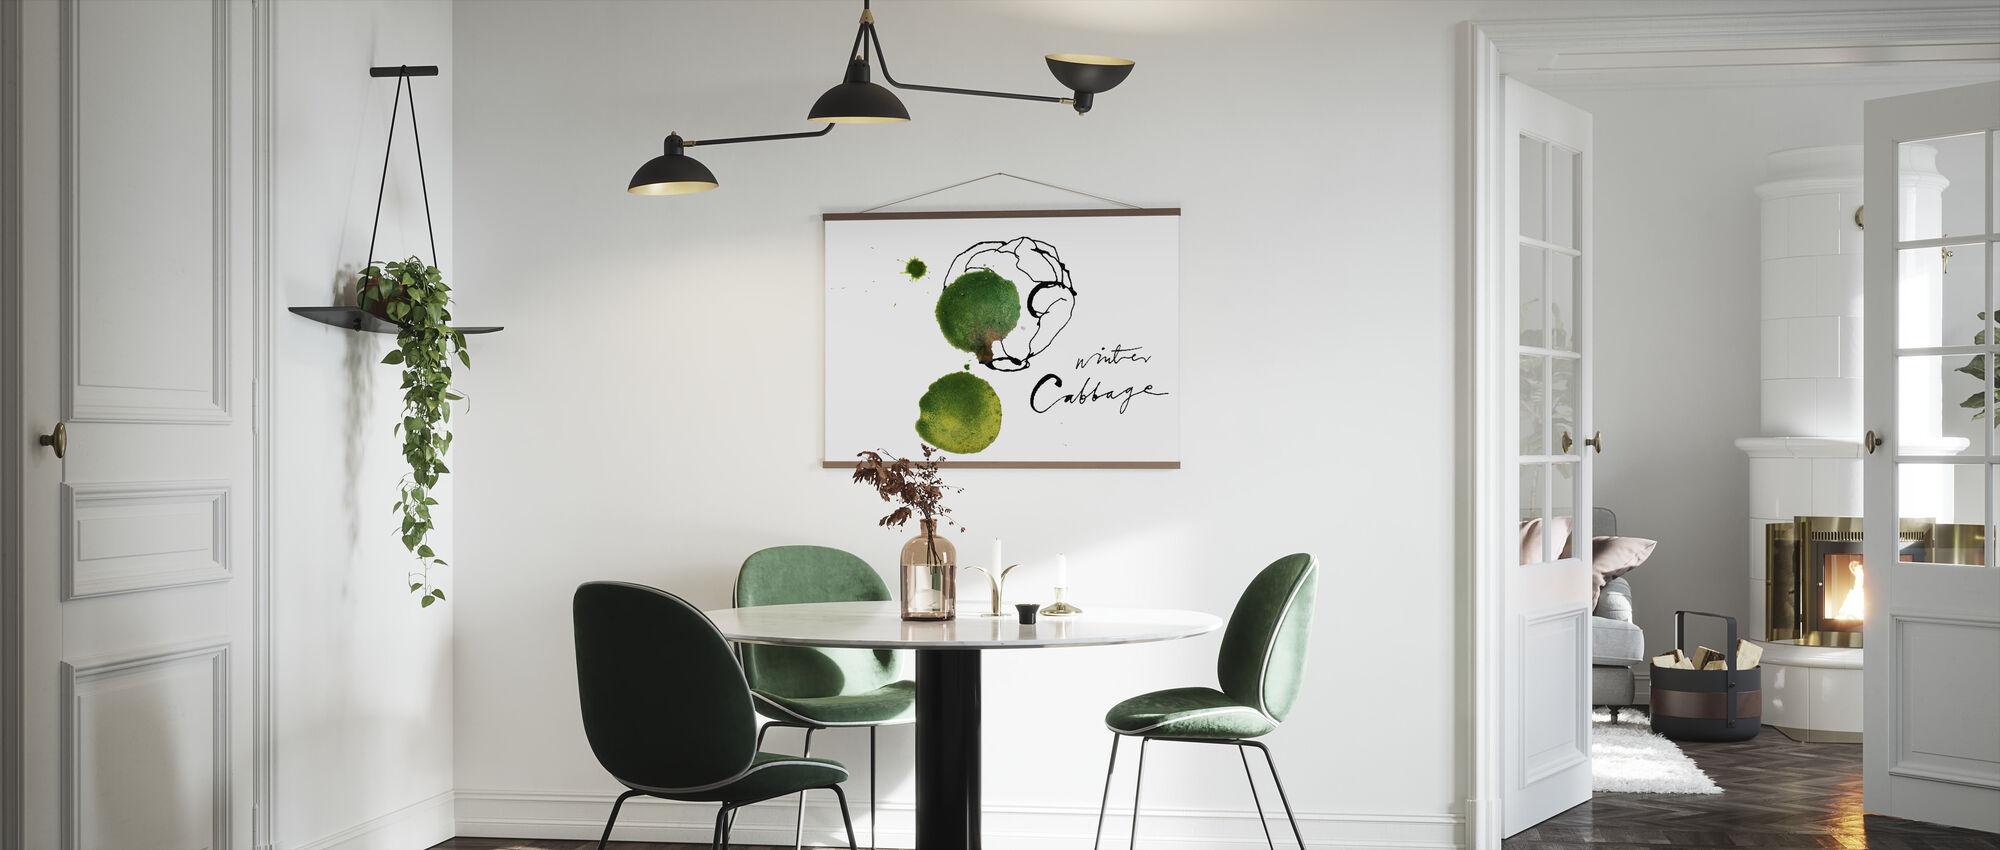 Cabbage - Poster - Kitchen